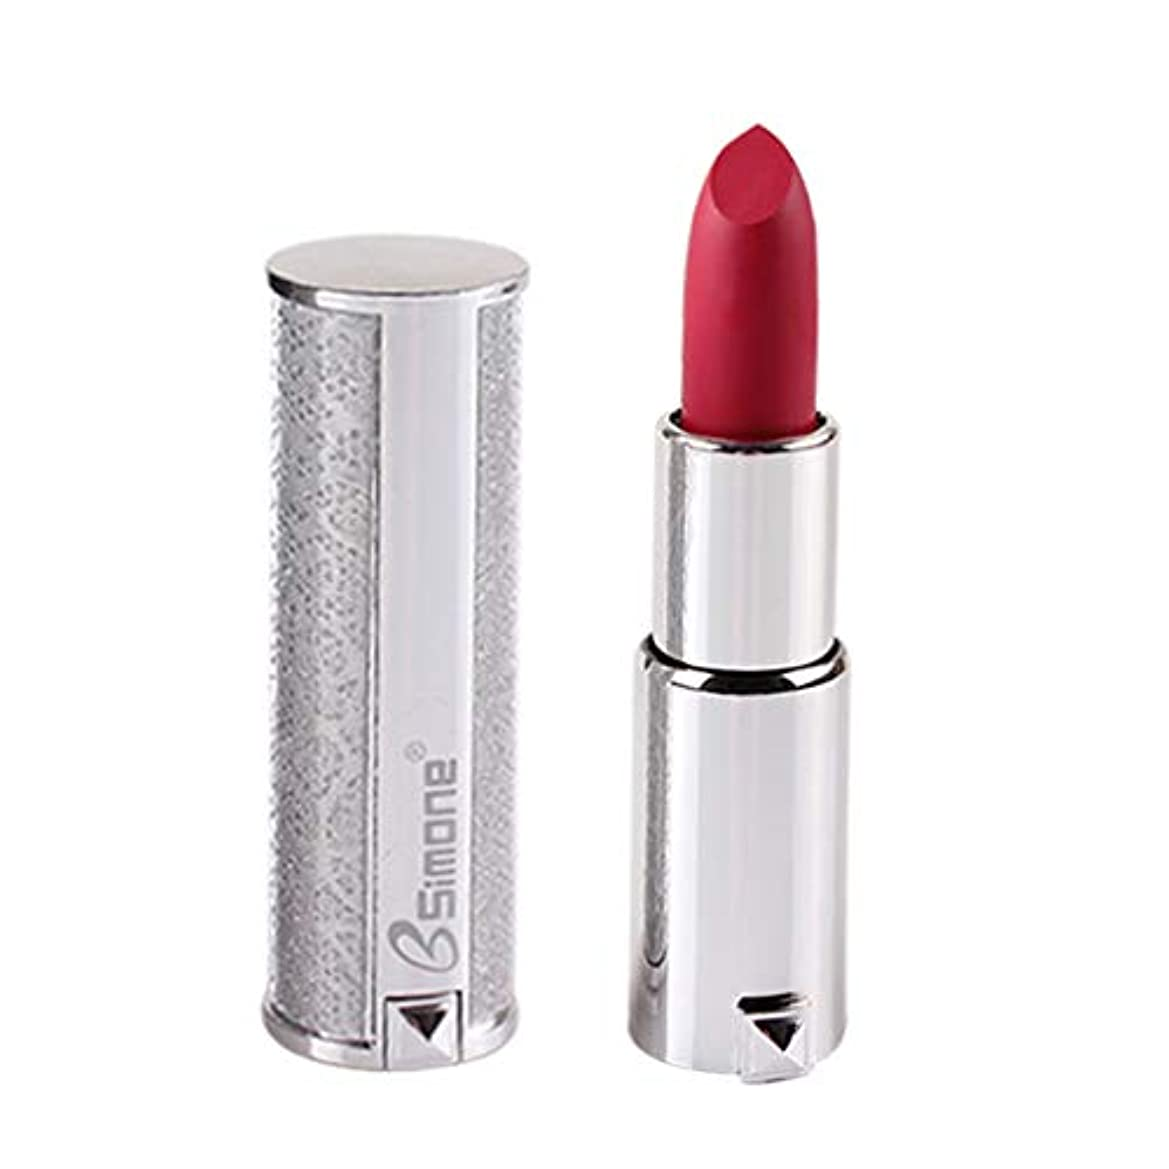 怒っているご予約シアー銀製の口紅の保湿剤のビロードの金属の口紅の化粧品の美の構造